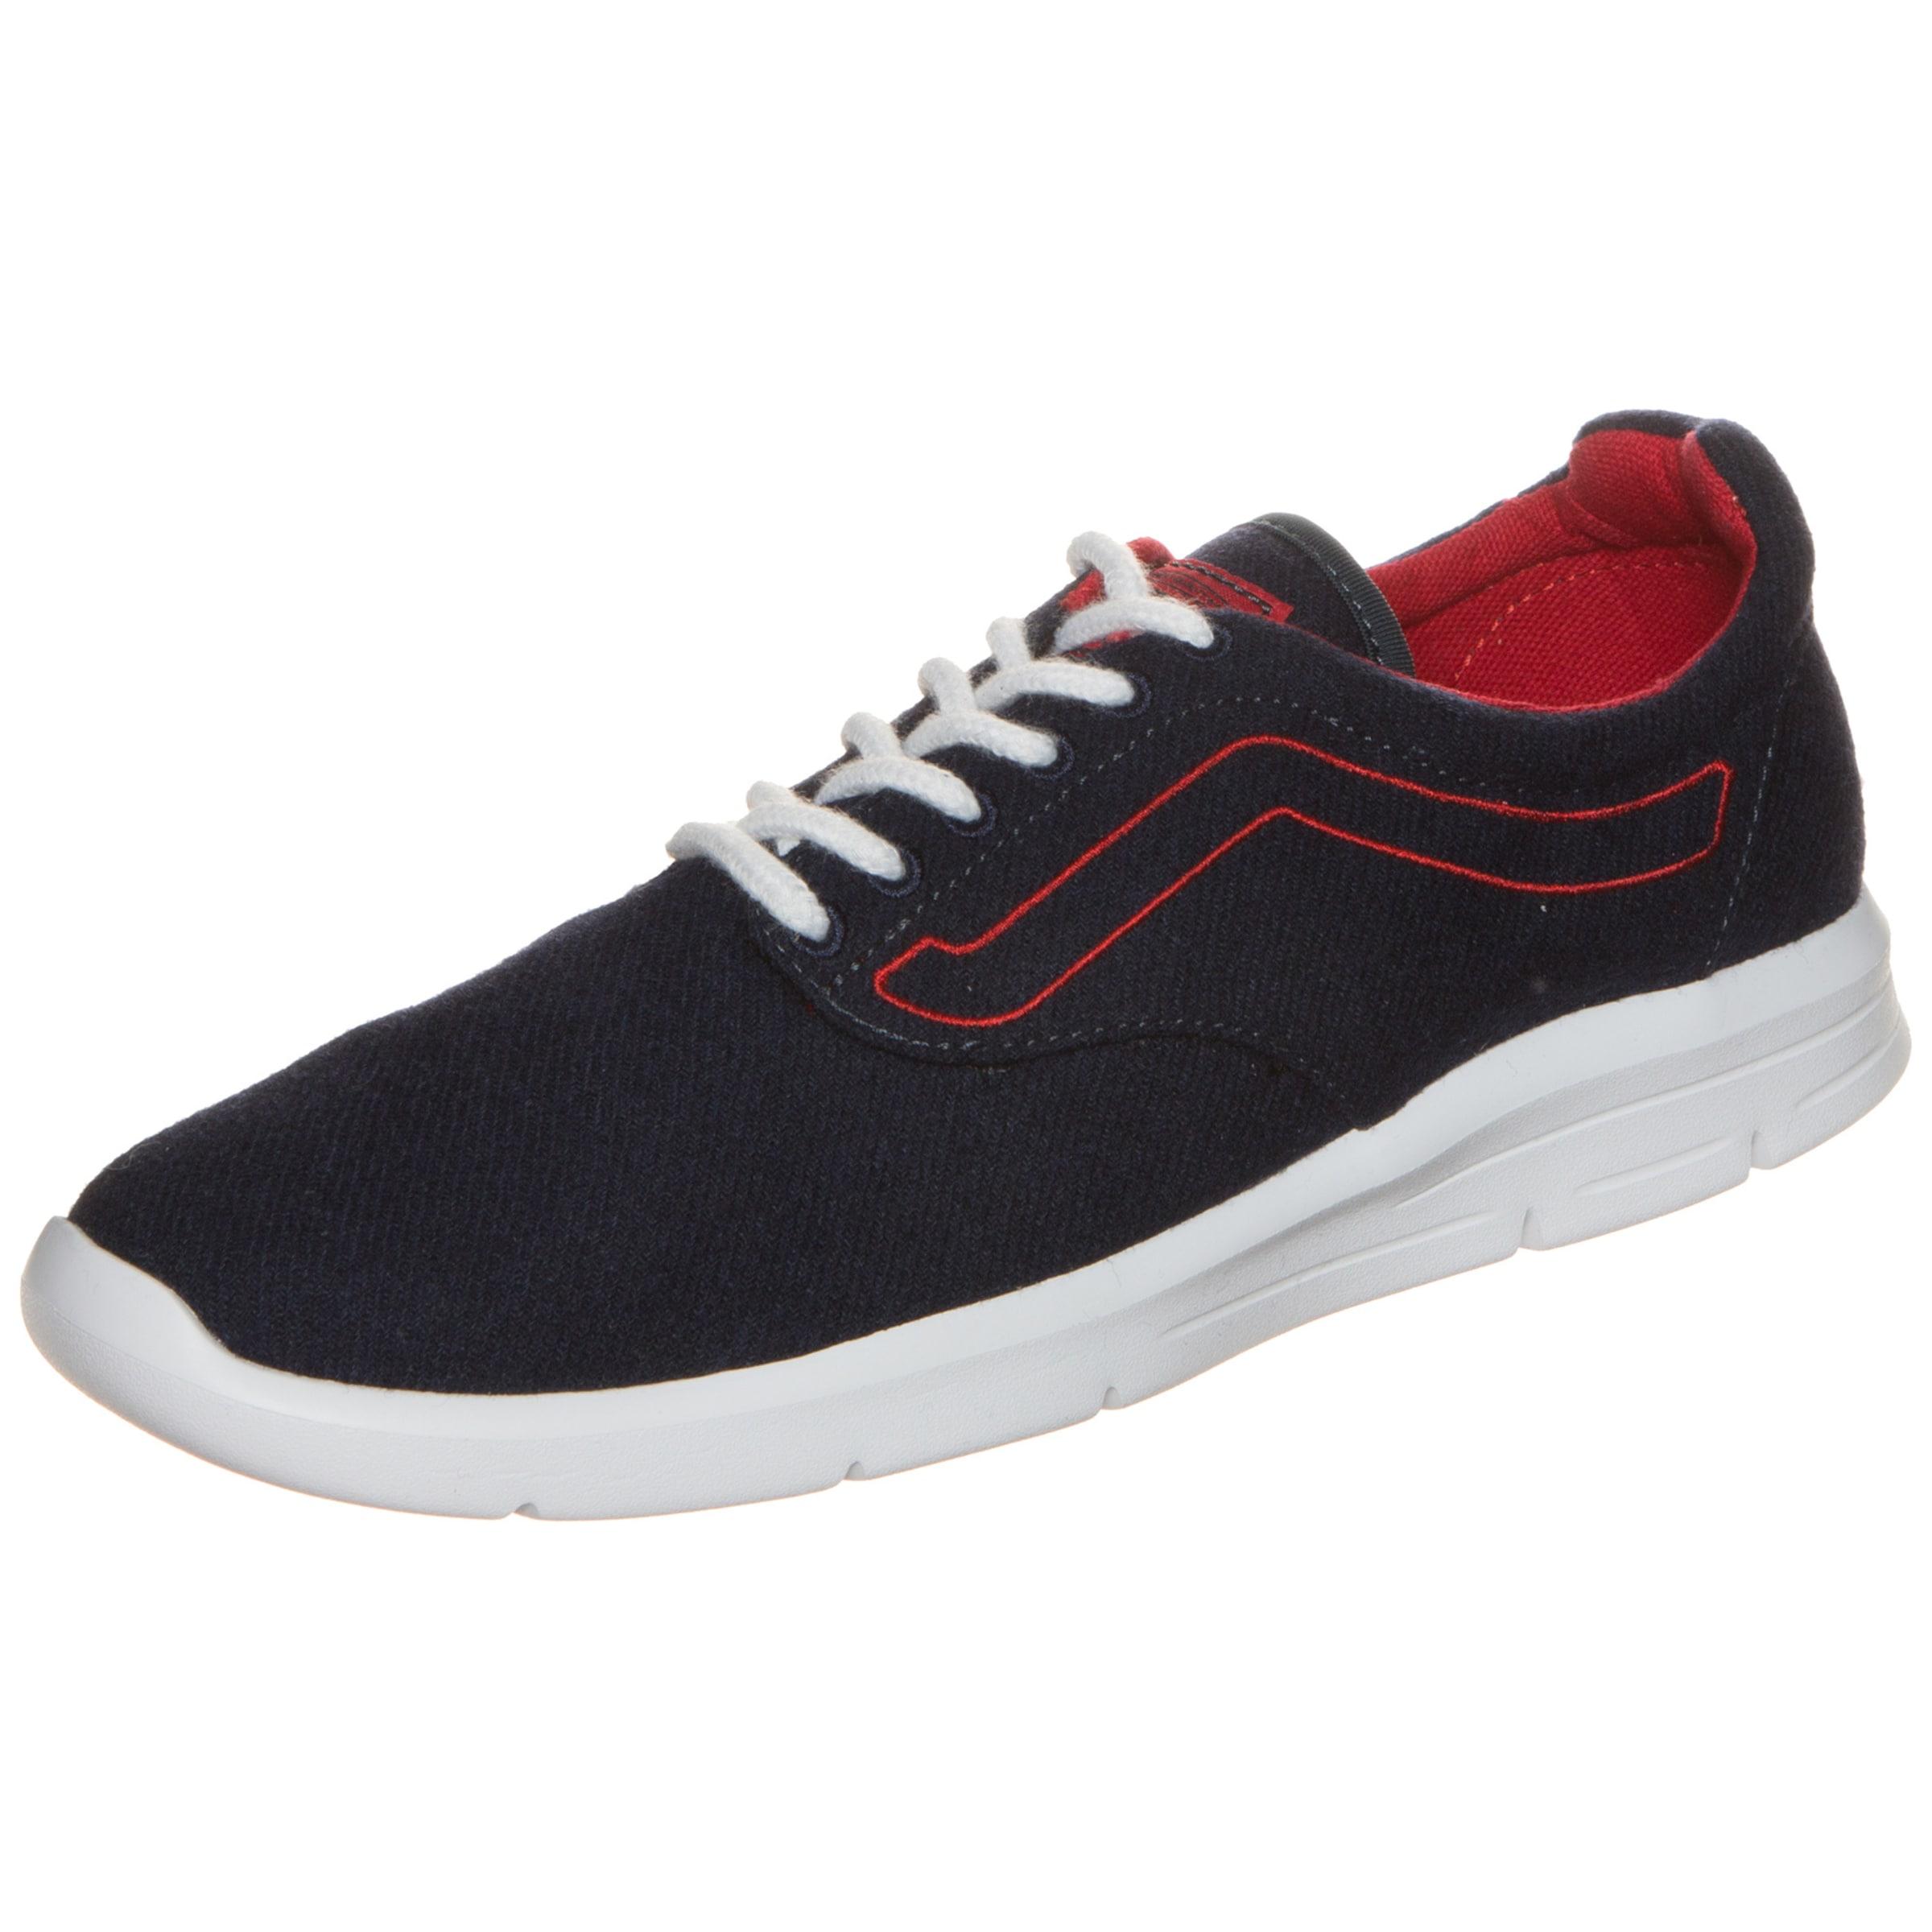 VANS Iso 1.5 Varsity Sneaker Herren